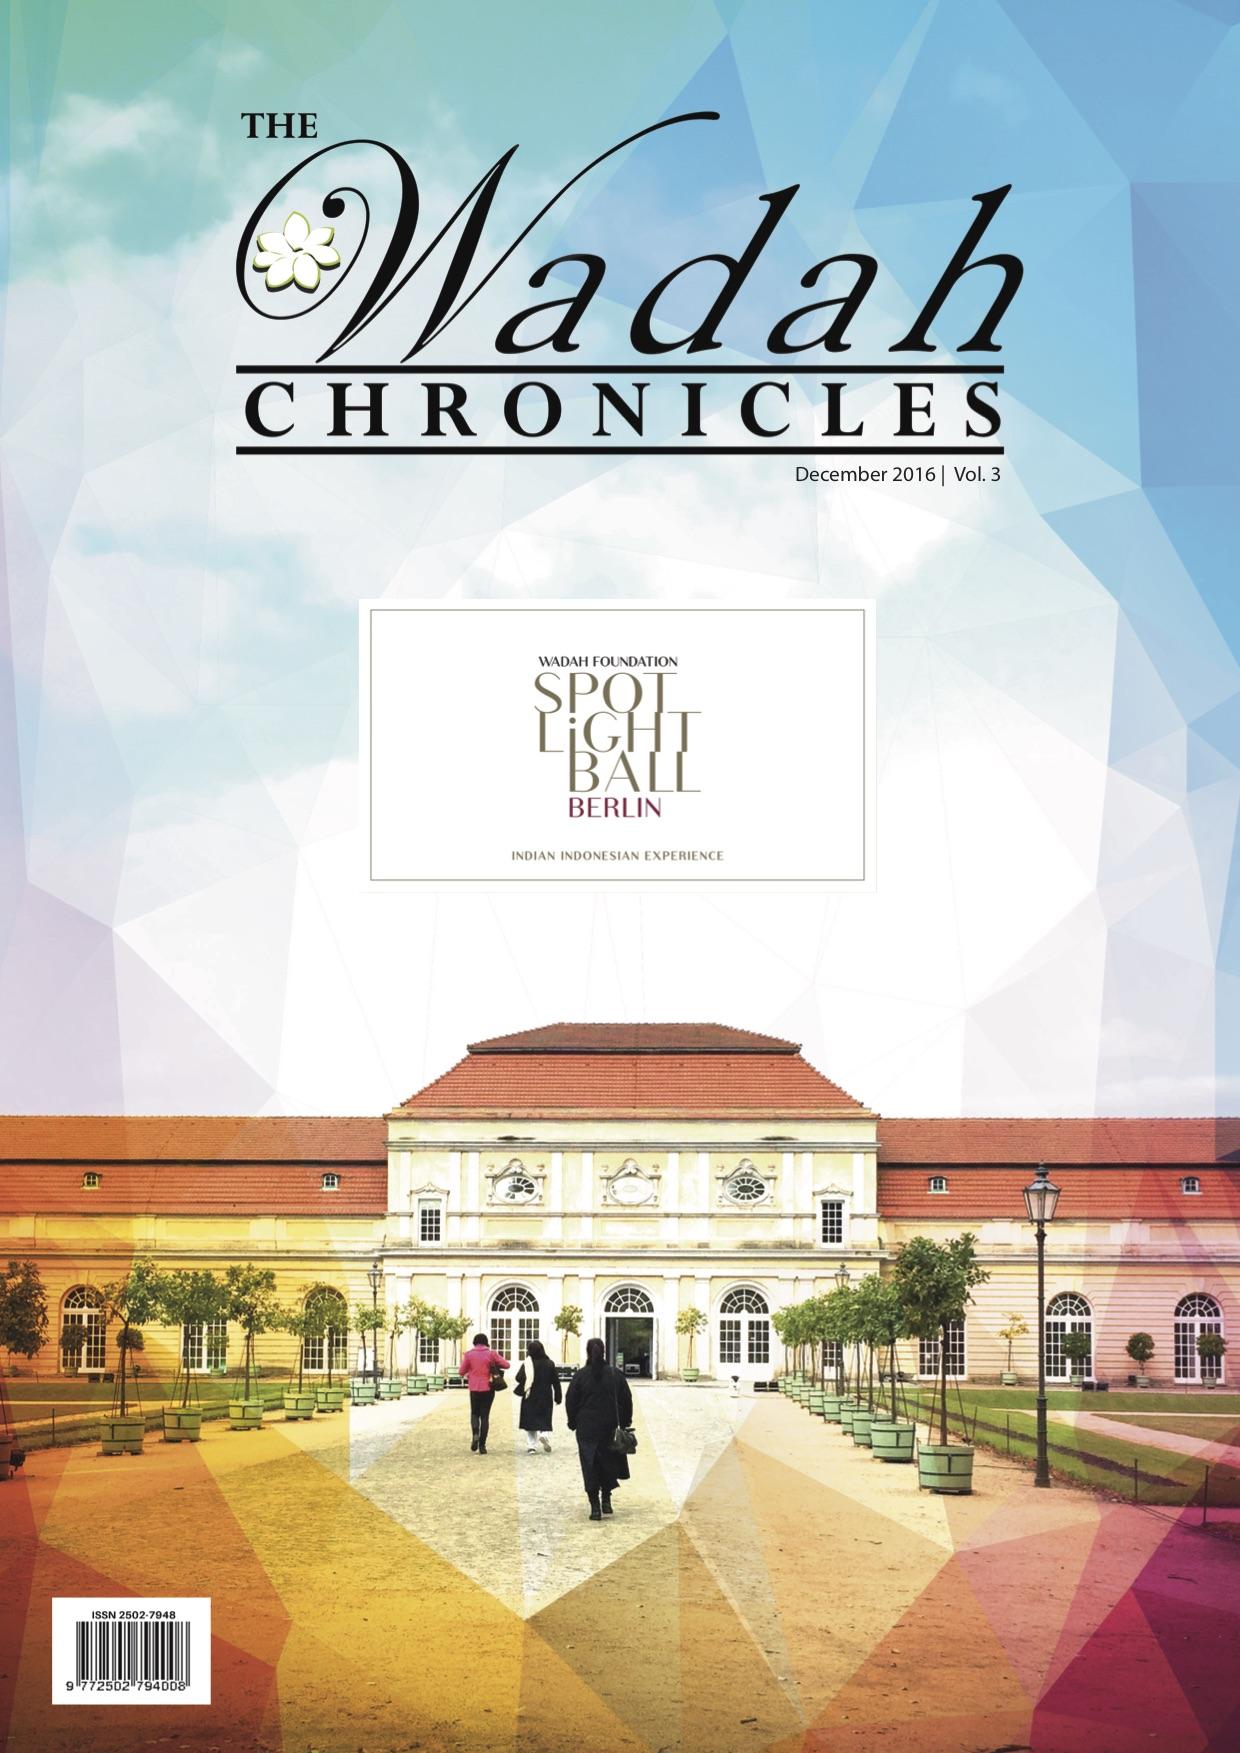 Wadah Chronicles - December 2016